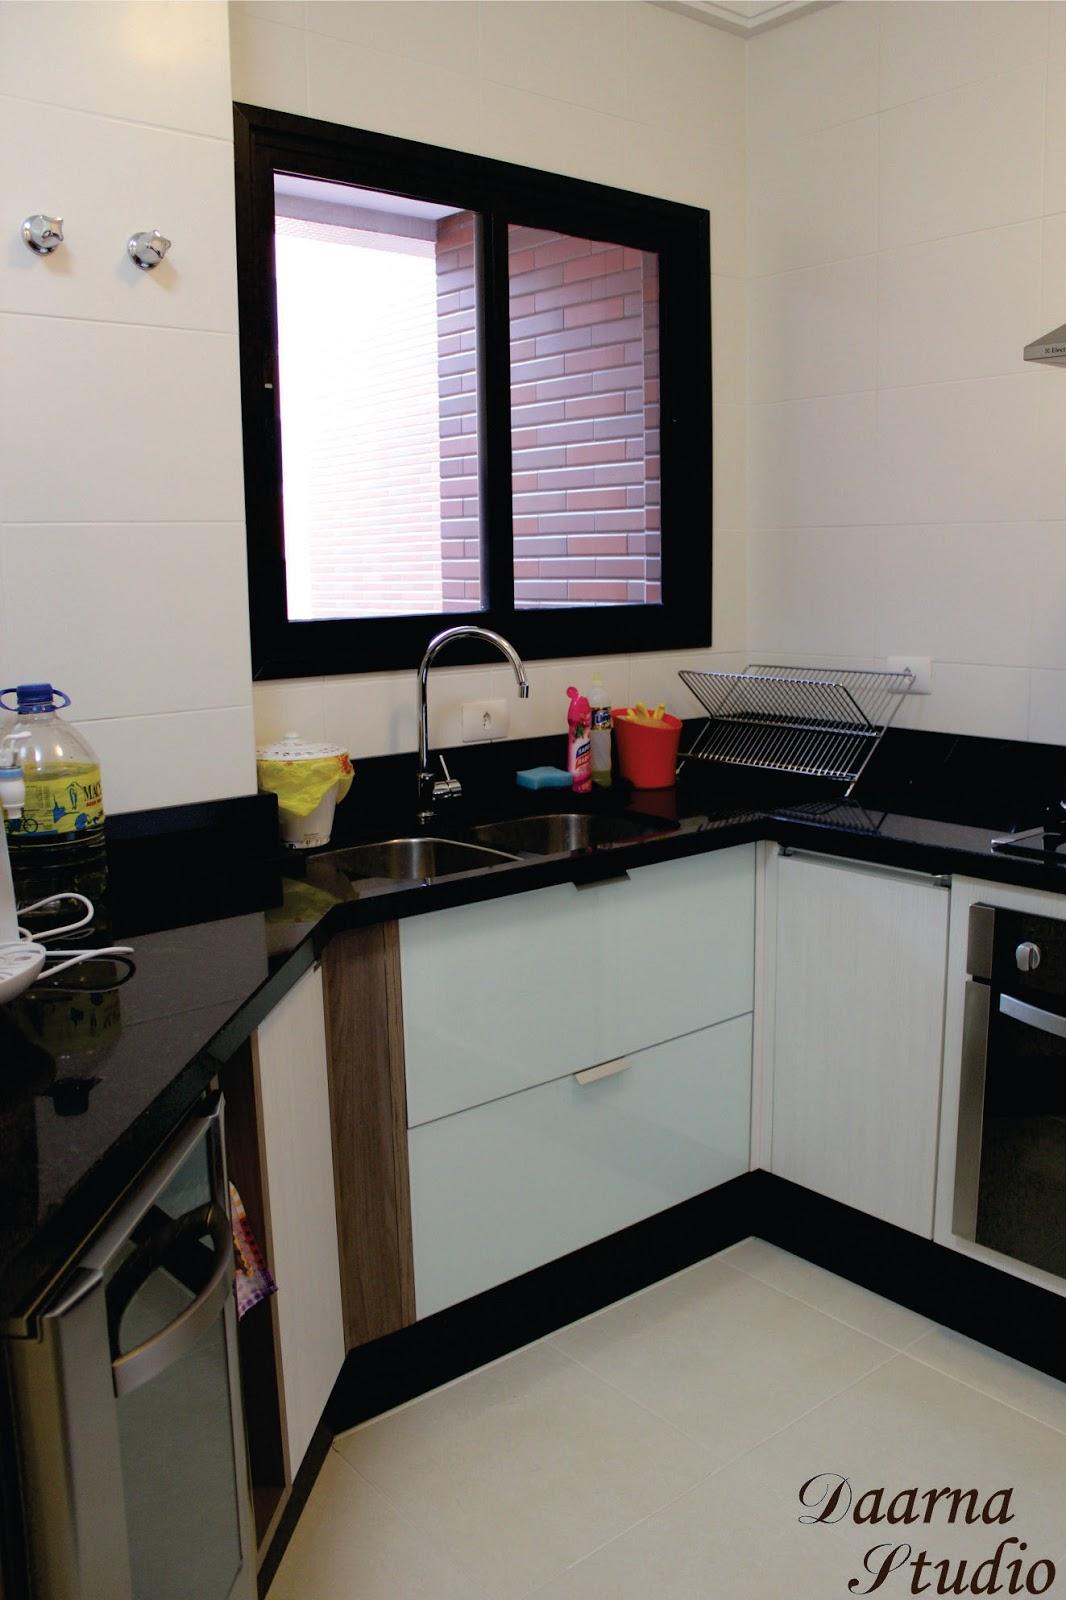 Daarna Arquitetura & Interiores: Cozinha Despensa e Área de Serviço #756841 1066 1600